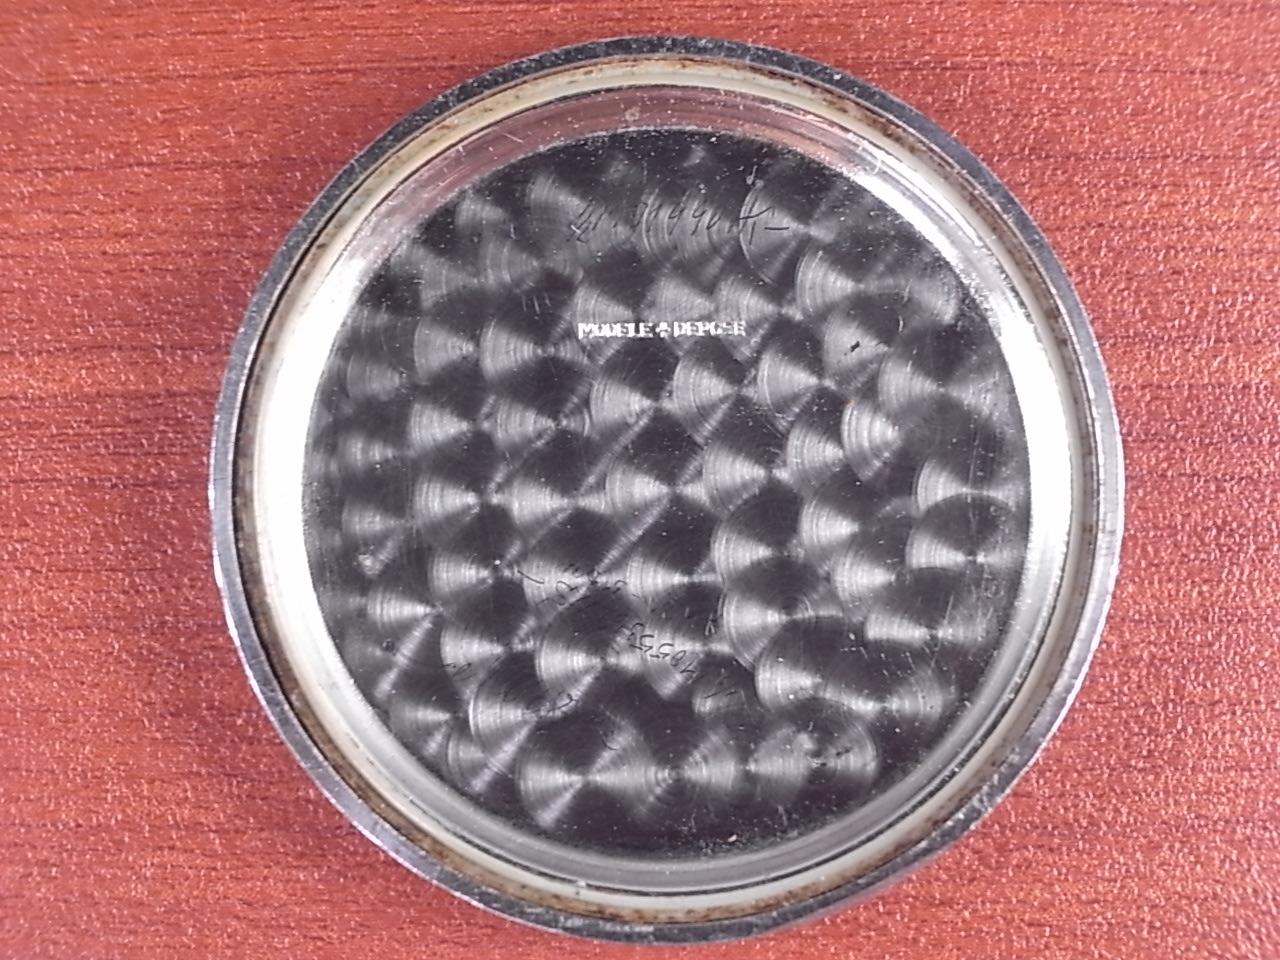 ミネルバ クロノグラフ Cal.20CH ブラックダイアル 初期型防水ケース 1940年代の写真6枚目